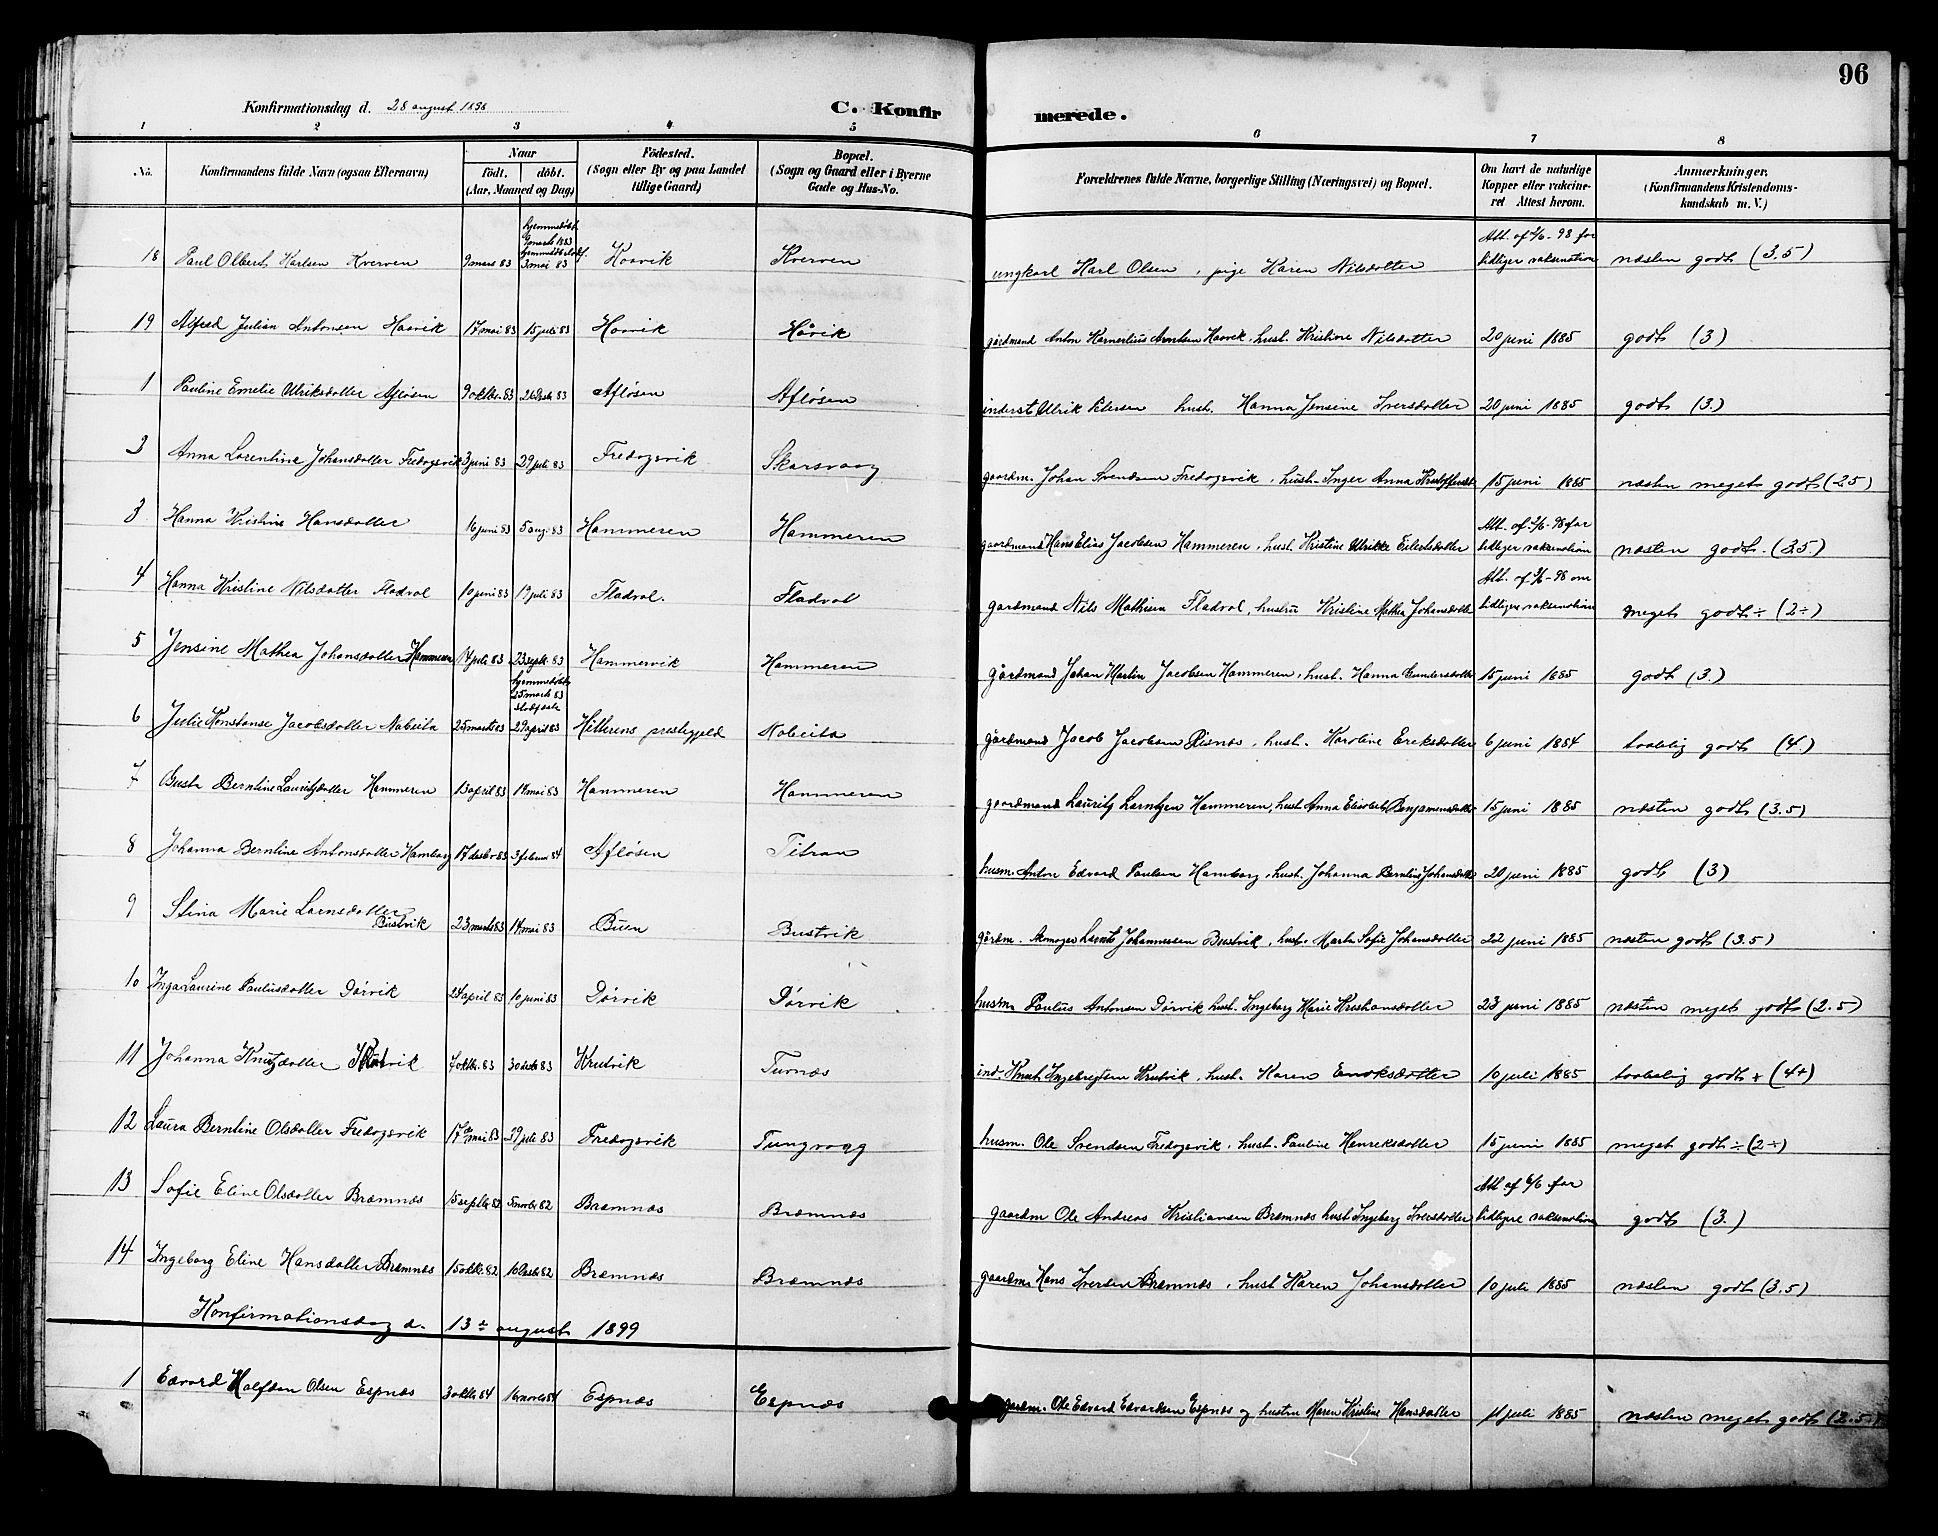 SAT, Ministerialprotokoller, klokkerbøker og fødselsregistre - Sør-Trøndelag, 641/L0598: Klokkerbok nr. 641C02, 1893-1910, s. 96